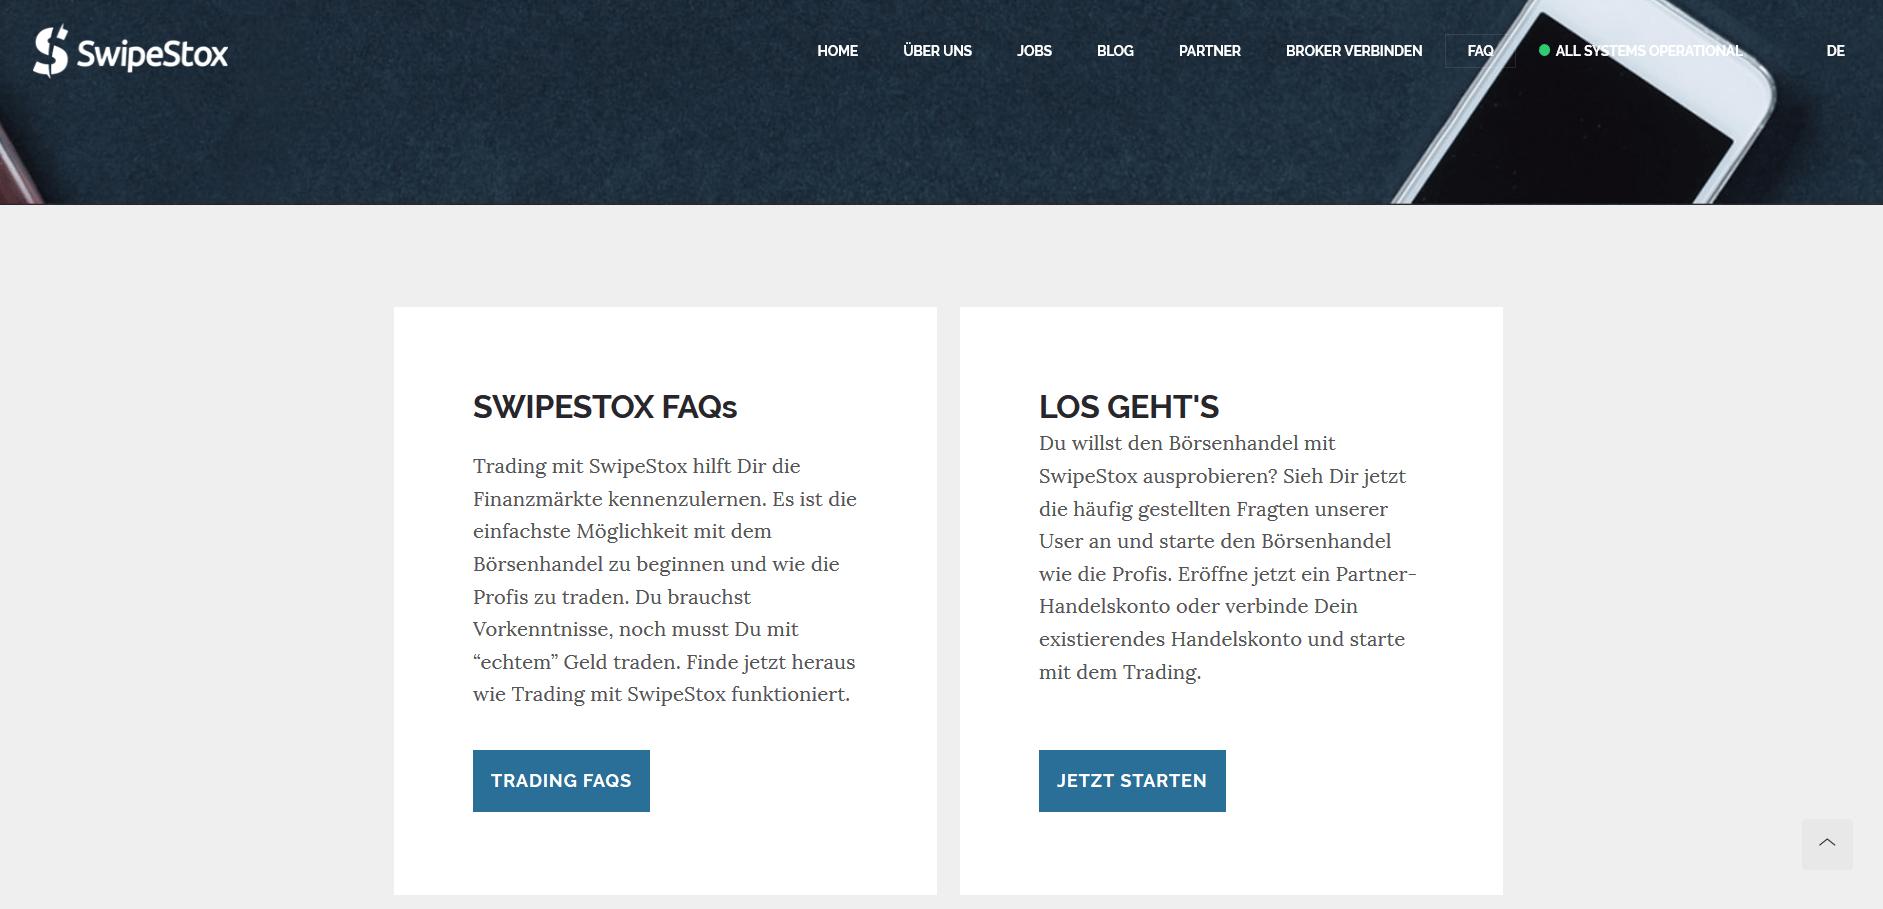 Die FAQ von SwipeStox